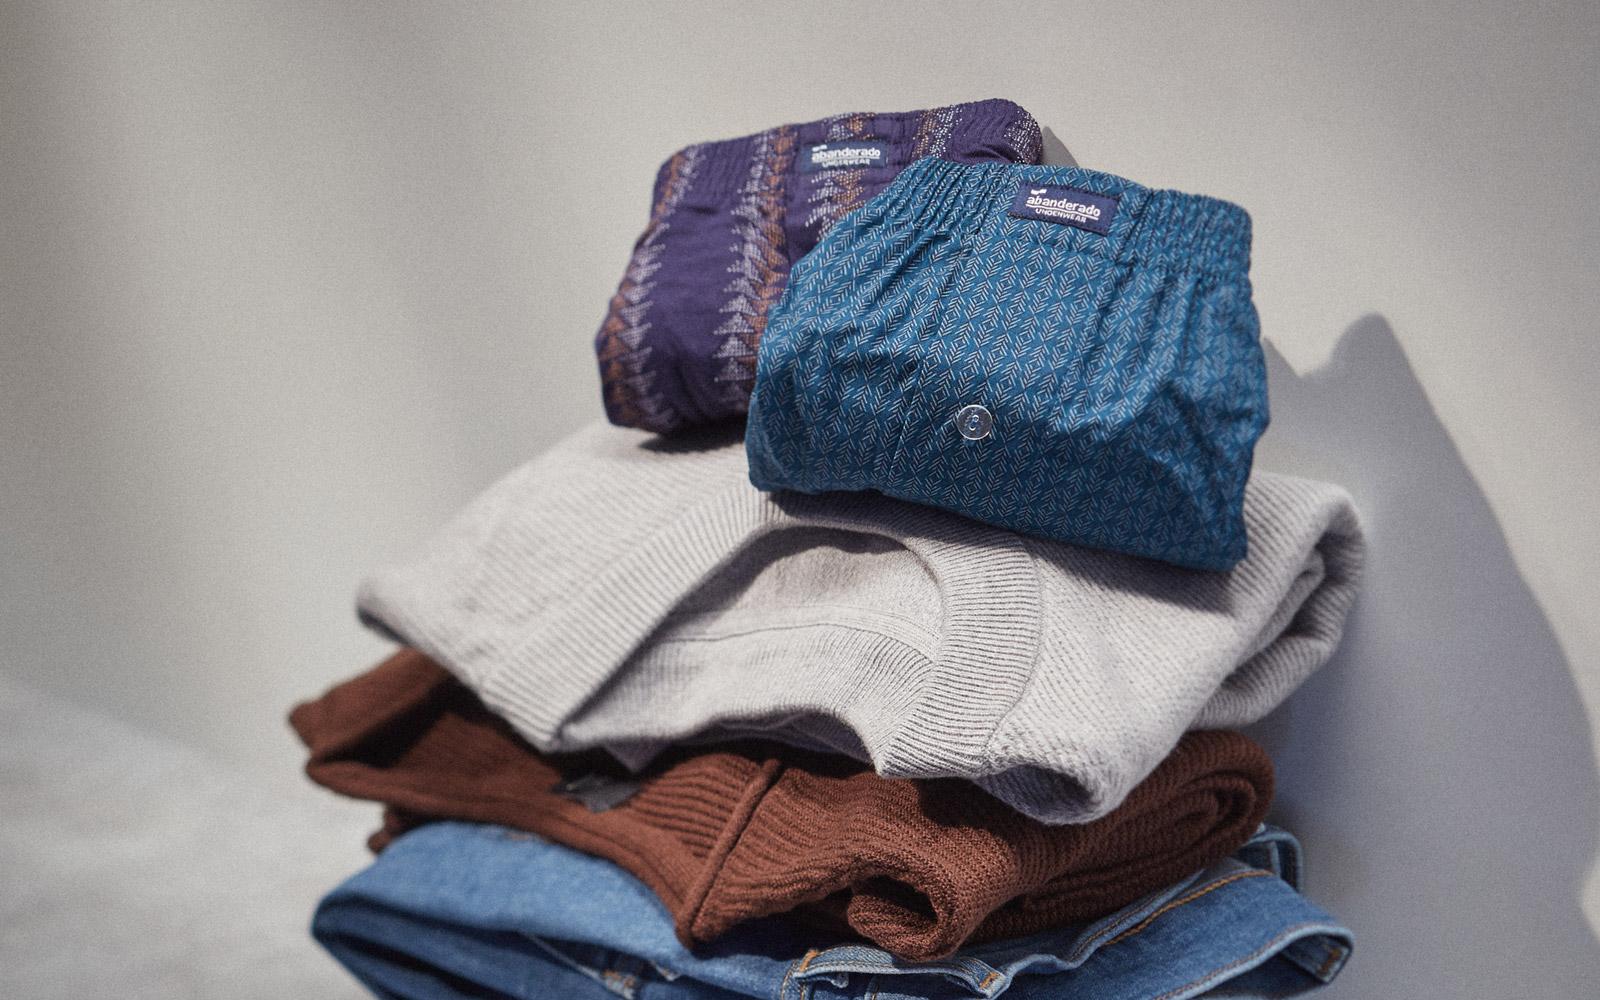 como organizar cajones de ropa interior